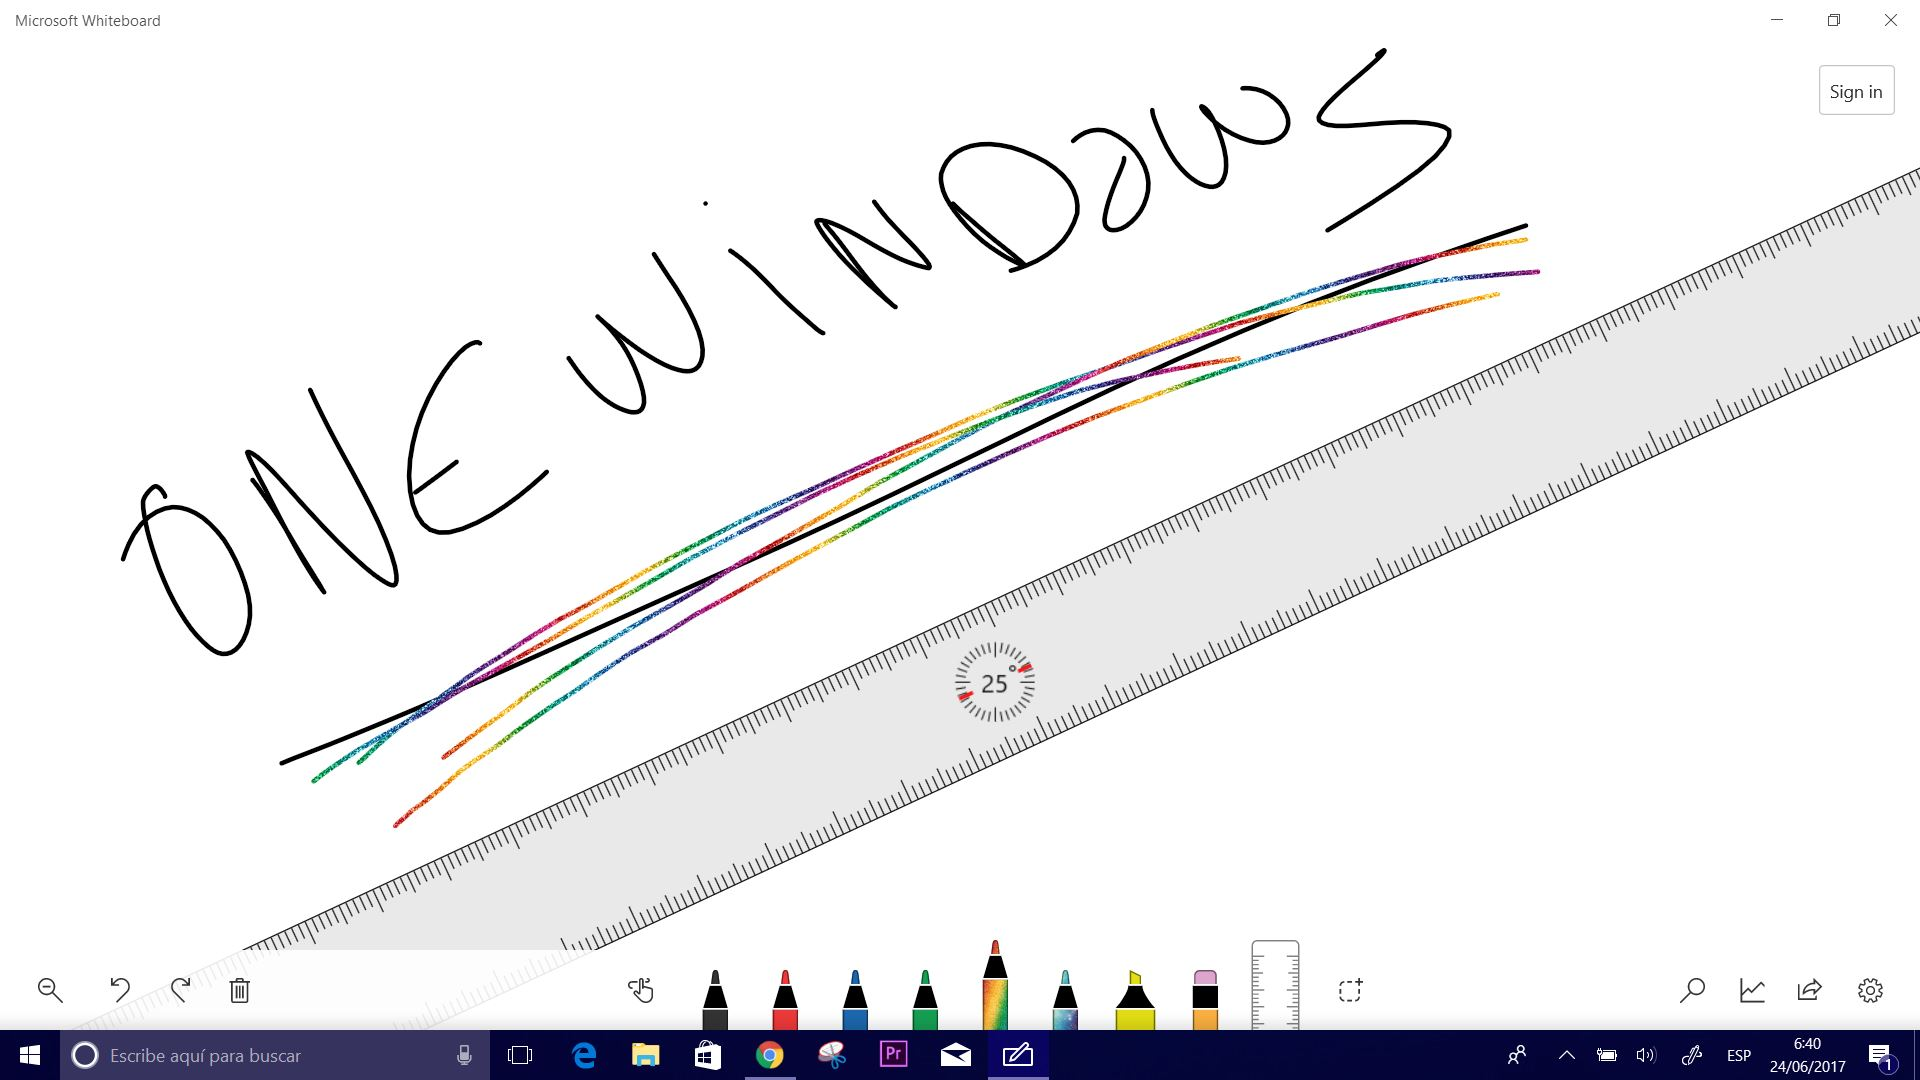 Pizarra de Microsoft